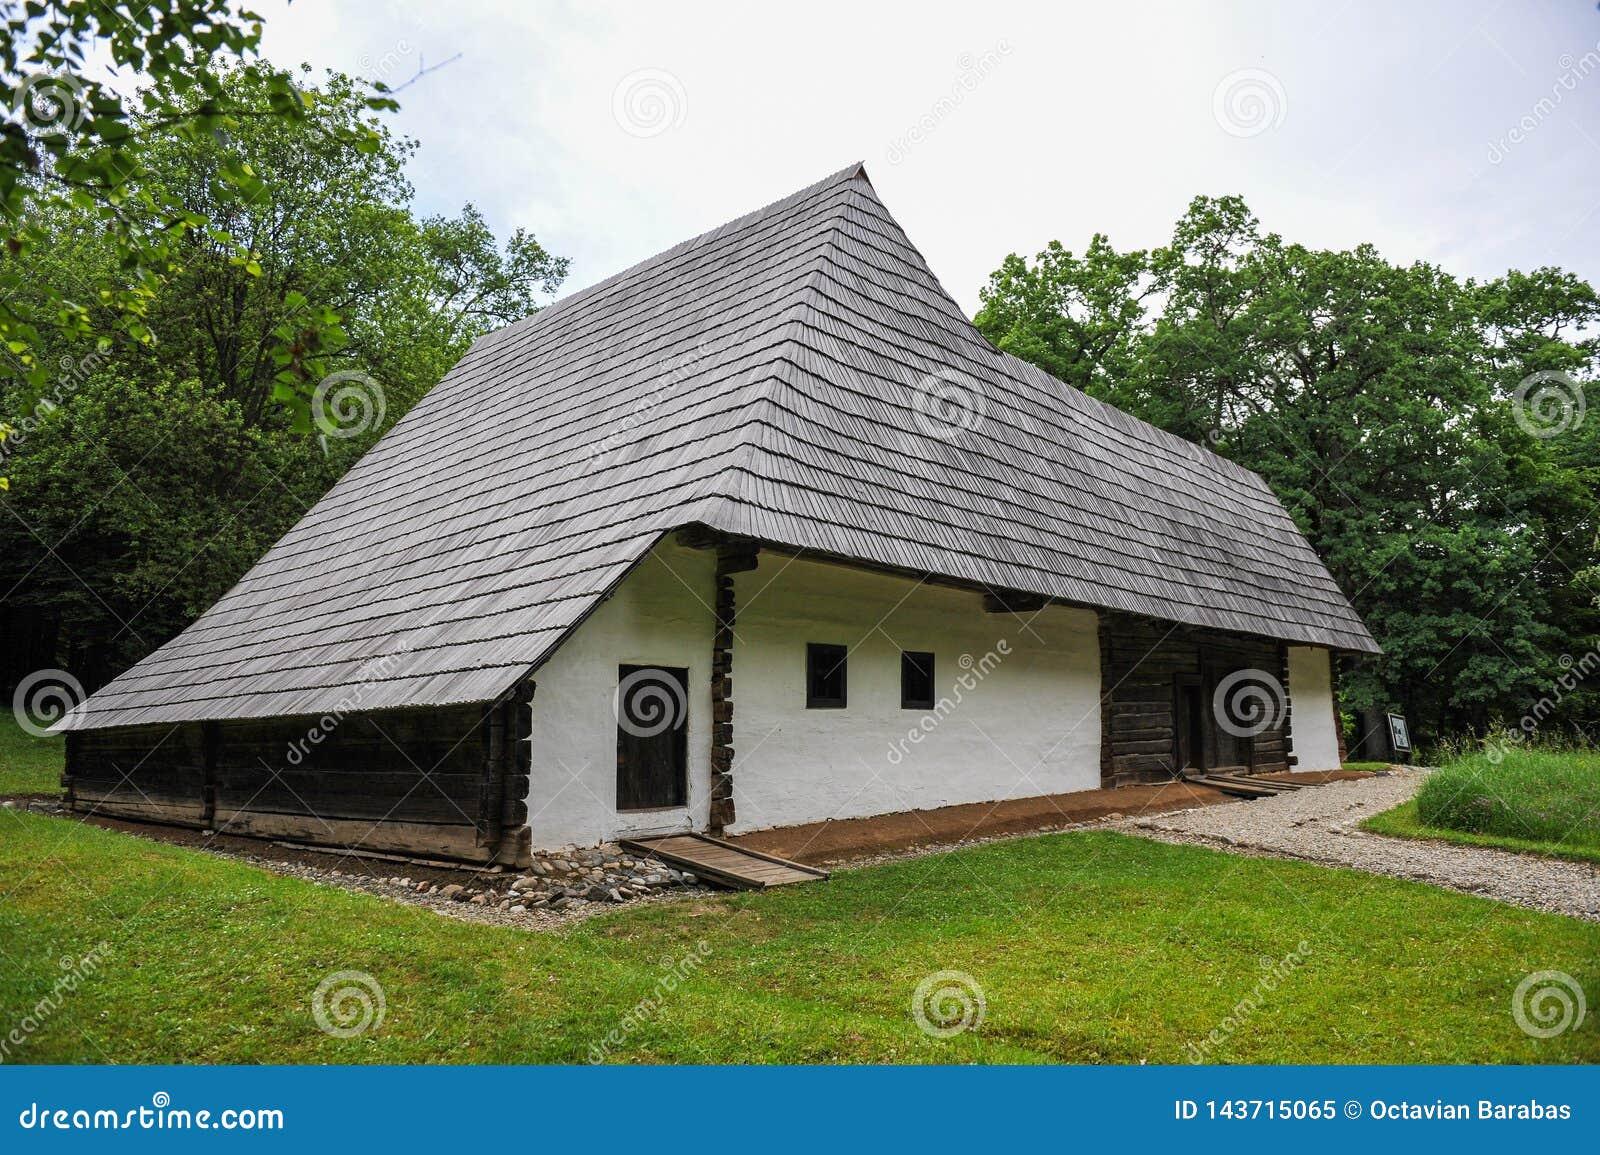 Maison antique de style balkanique avec le toit énorme